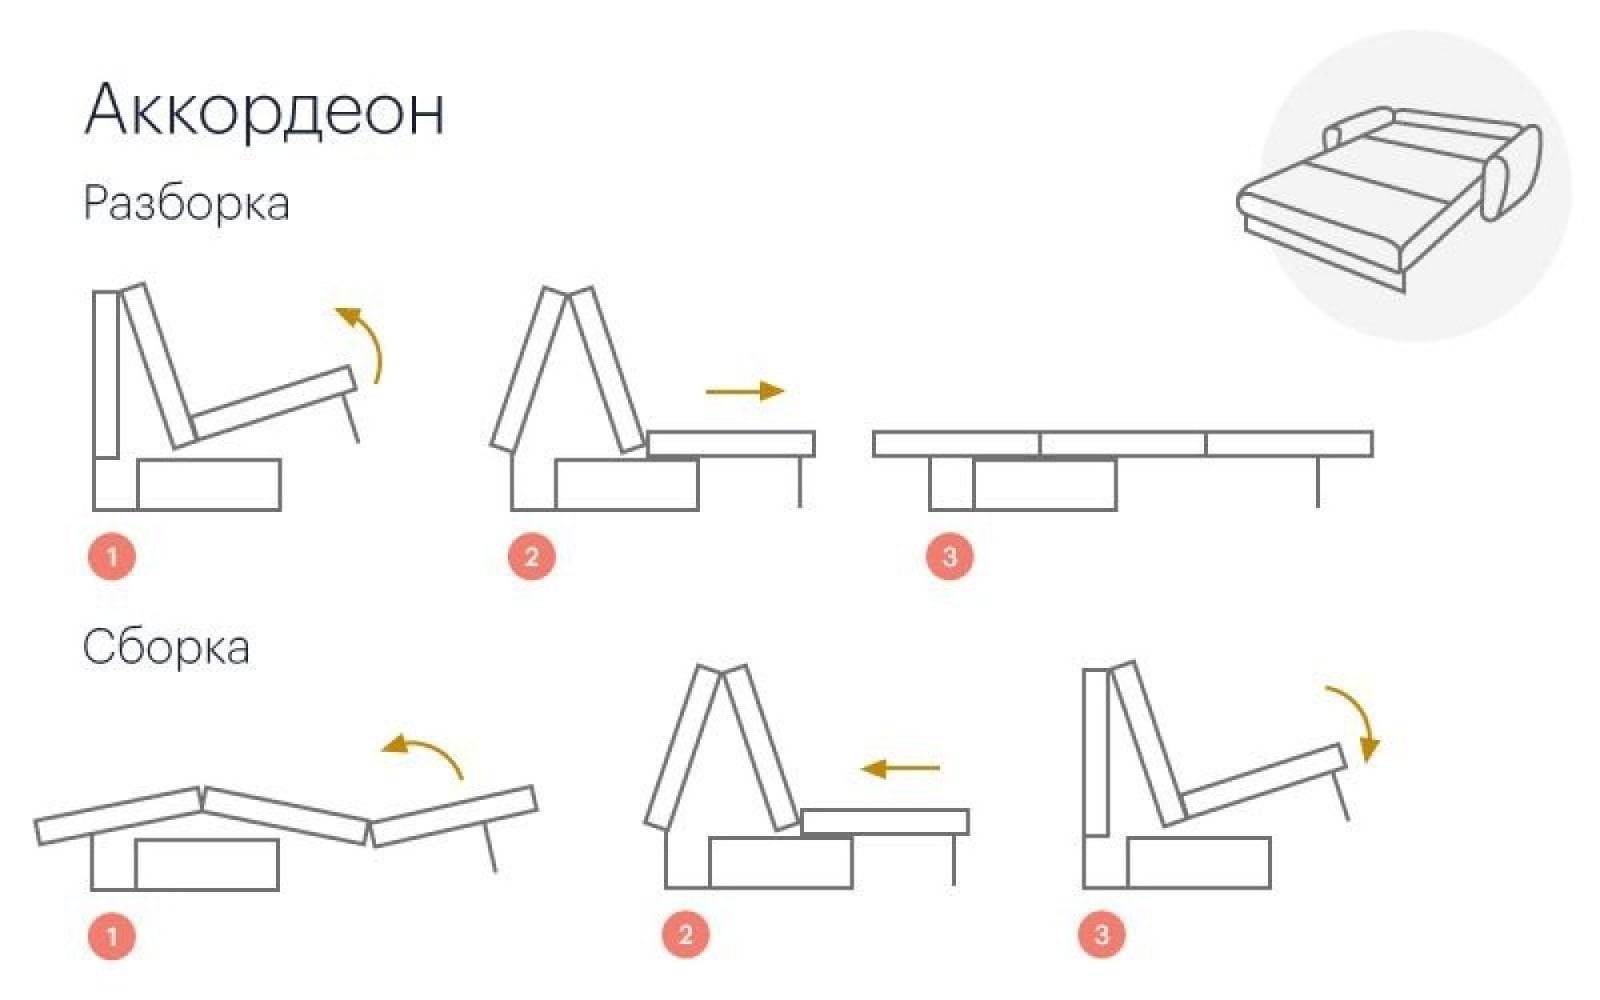 эти схема по сборке диванов чебурашка фото словом, без